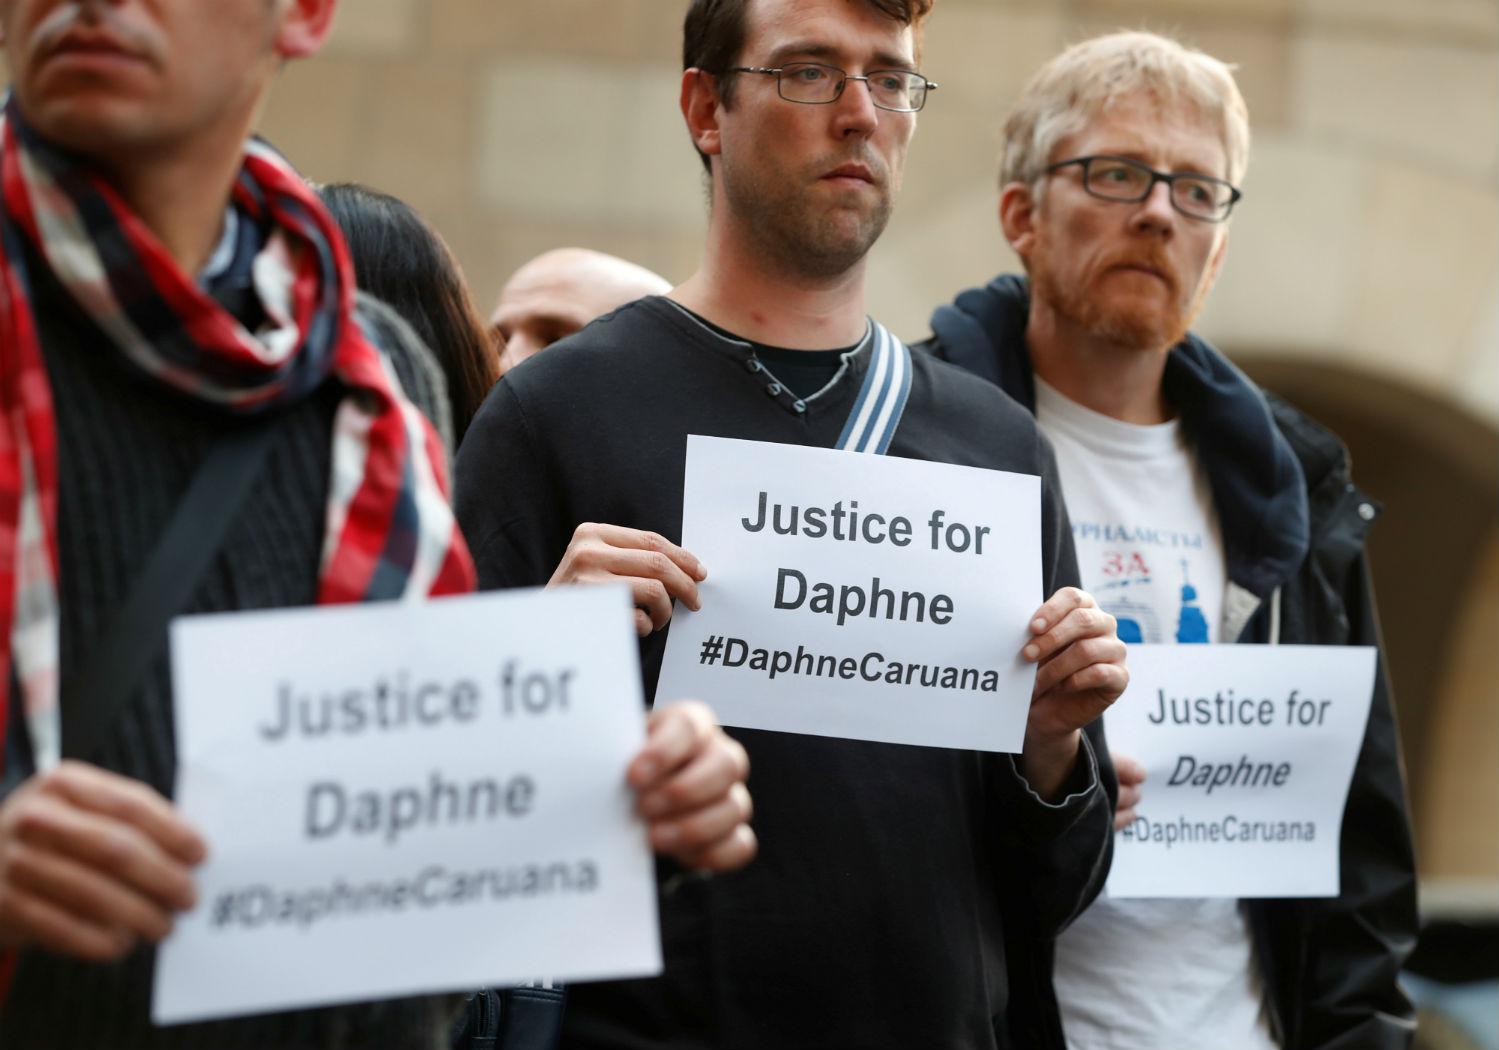 Zamach Na Meczet Facebook: Zamach Na życie Maltańskiej Dziennikarki Daphne Galizii